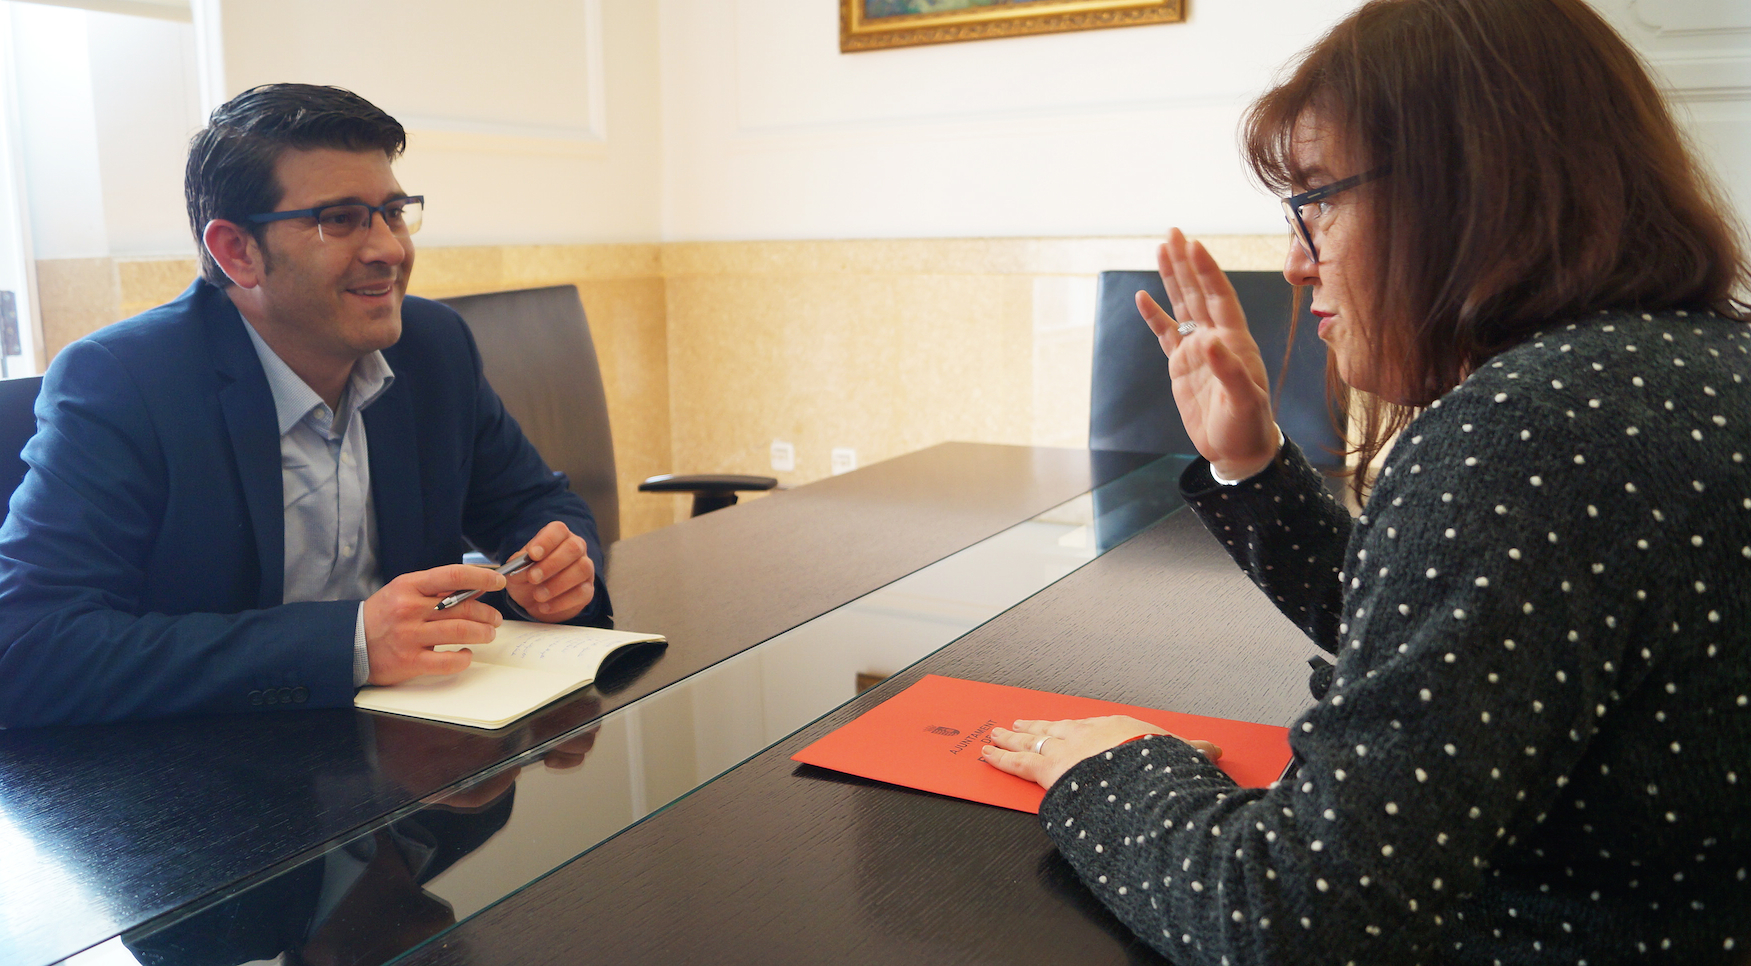 Reunió en la seu de la institució provincial entre l'alcaldessa de Beneixida, Eva Roig, i el president de la Diputació, Jorge Rodríguez.